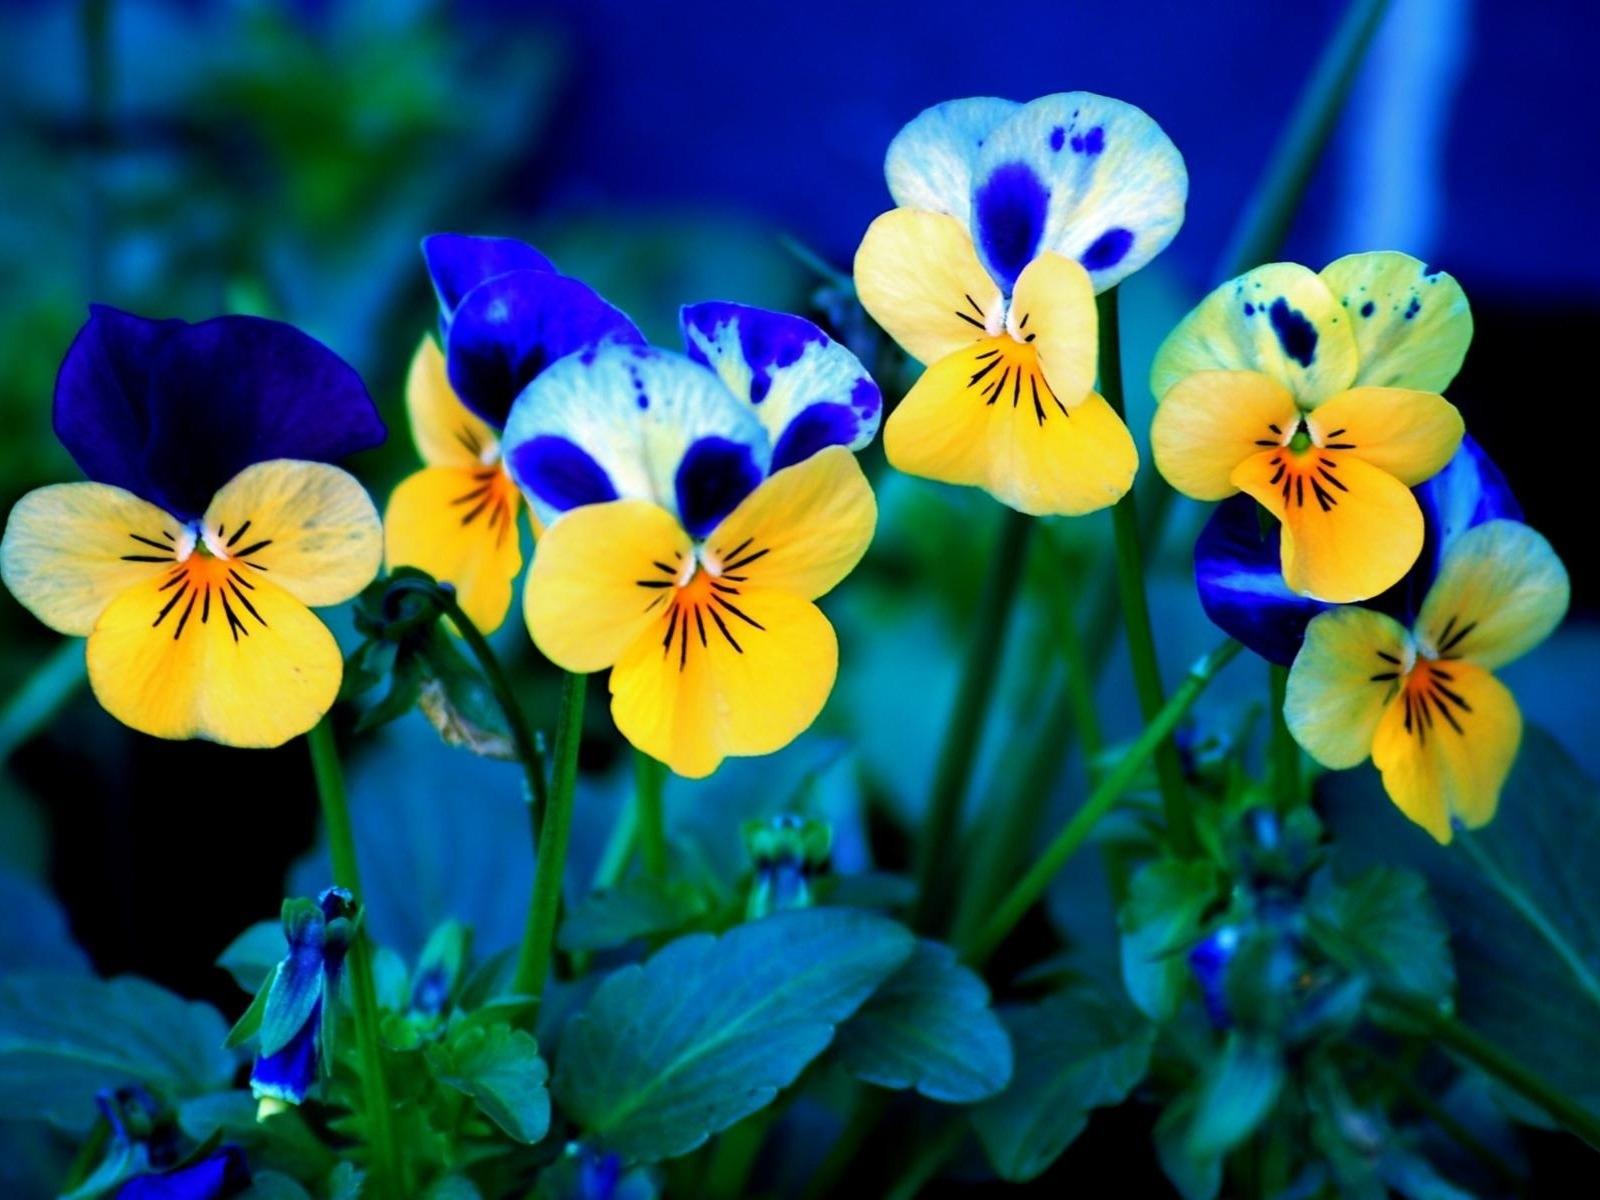 644 Hintergrundbild herunterladen Blumen, Pflanzen, Stiefmütterchen - Bildschirmschoner und Bilder kostenlos